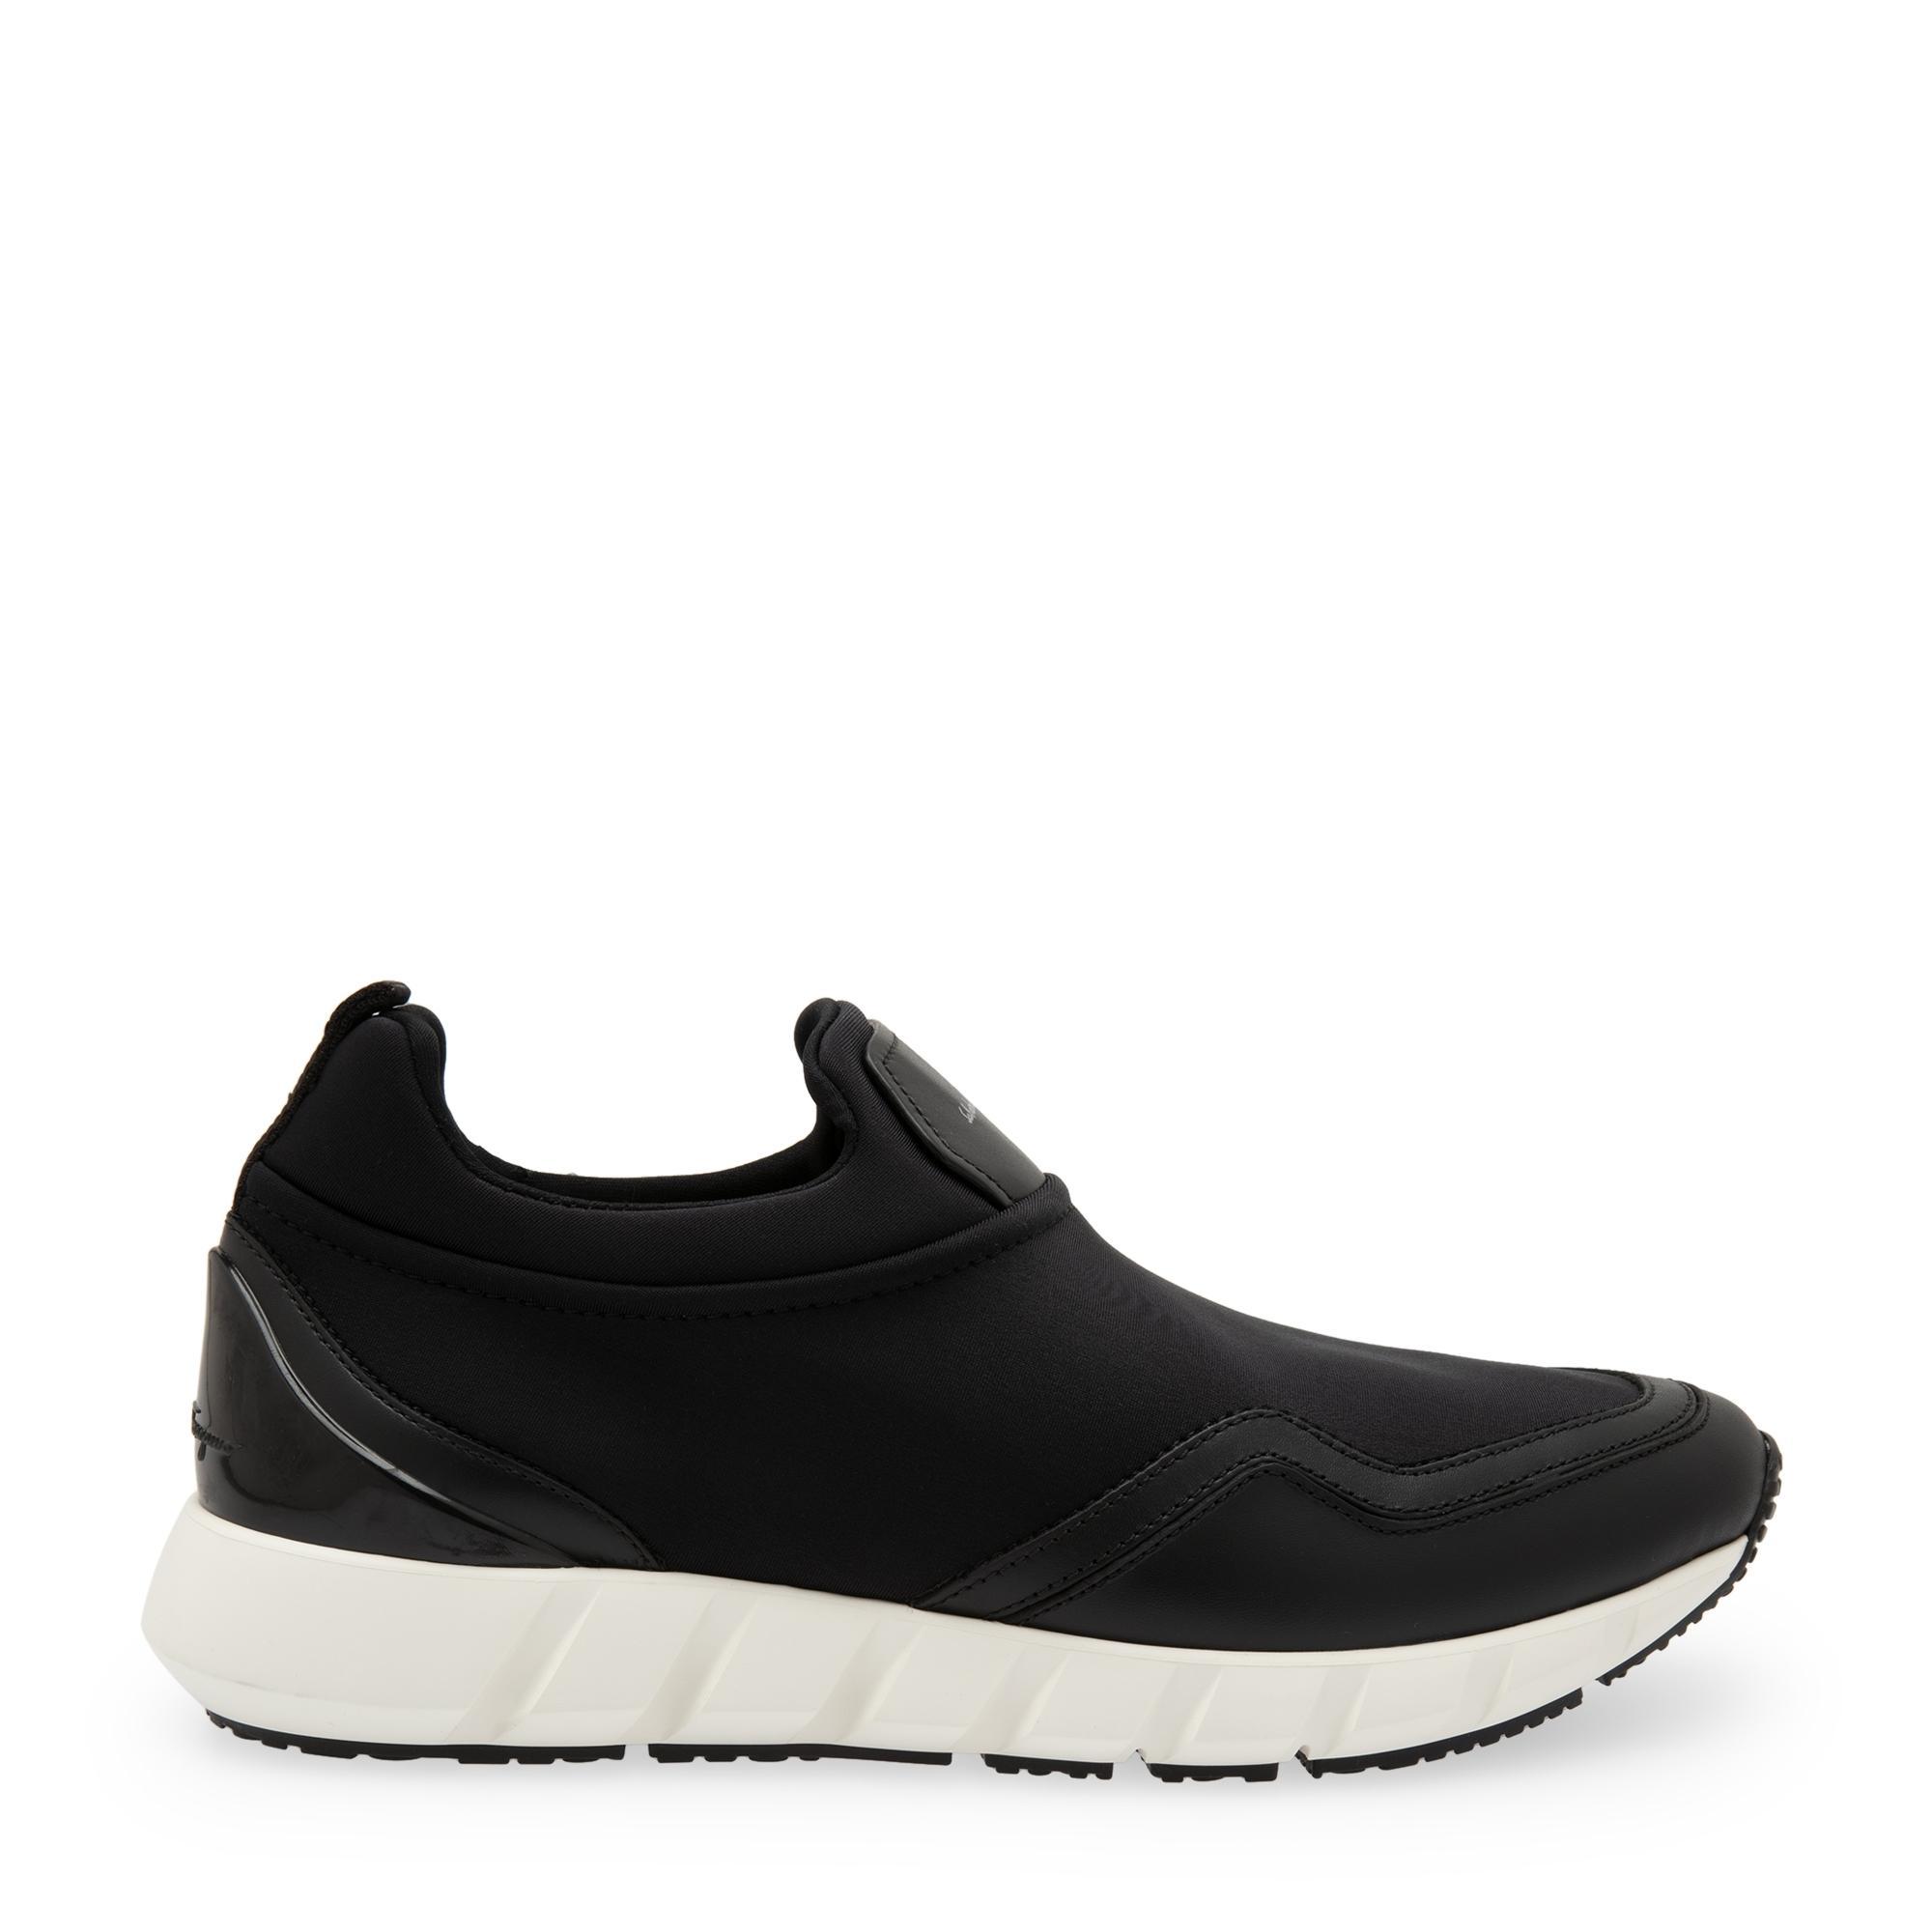 Slip-on sock sneakers